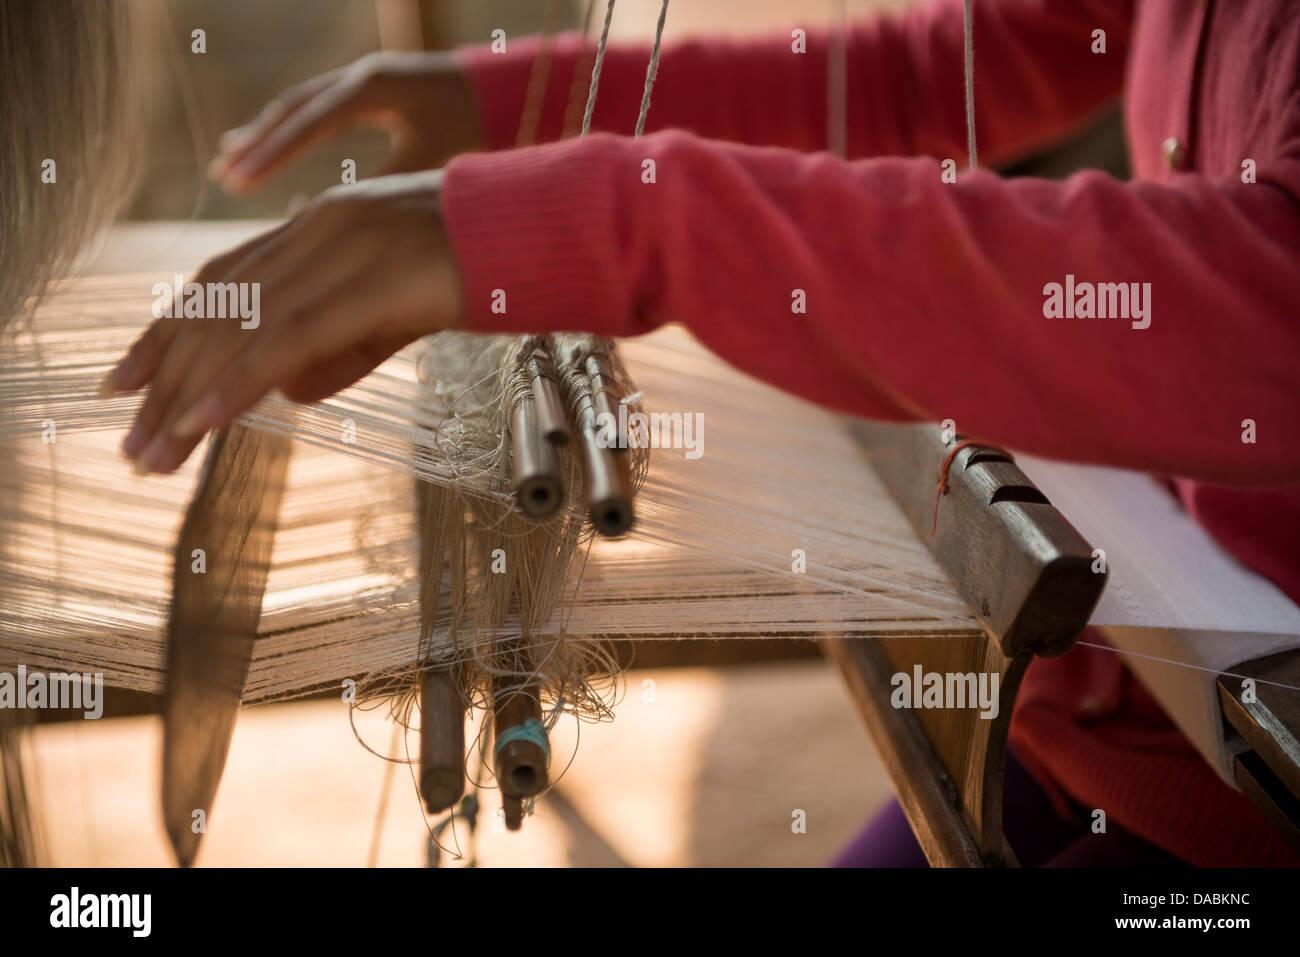 Weaving Village of Ban Phanom, Luang Prabang, Laos, Indochina, Southeast Asia, Asia - Stock Image